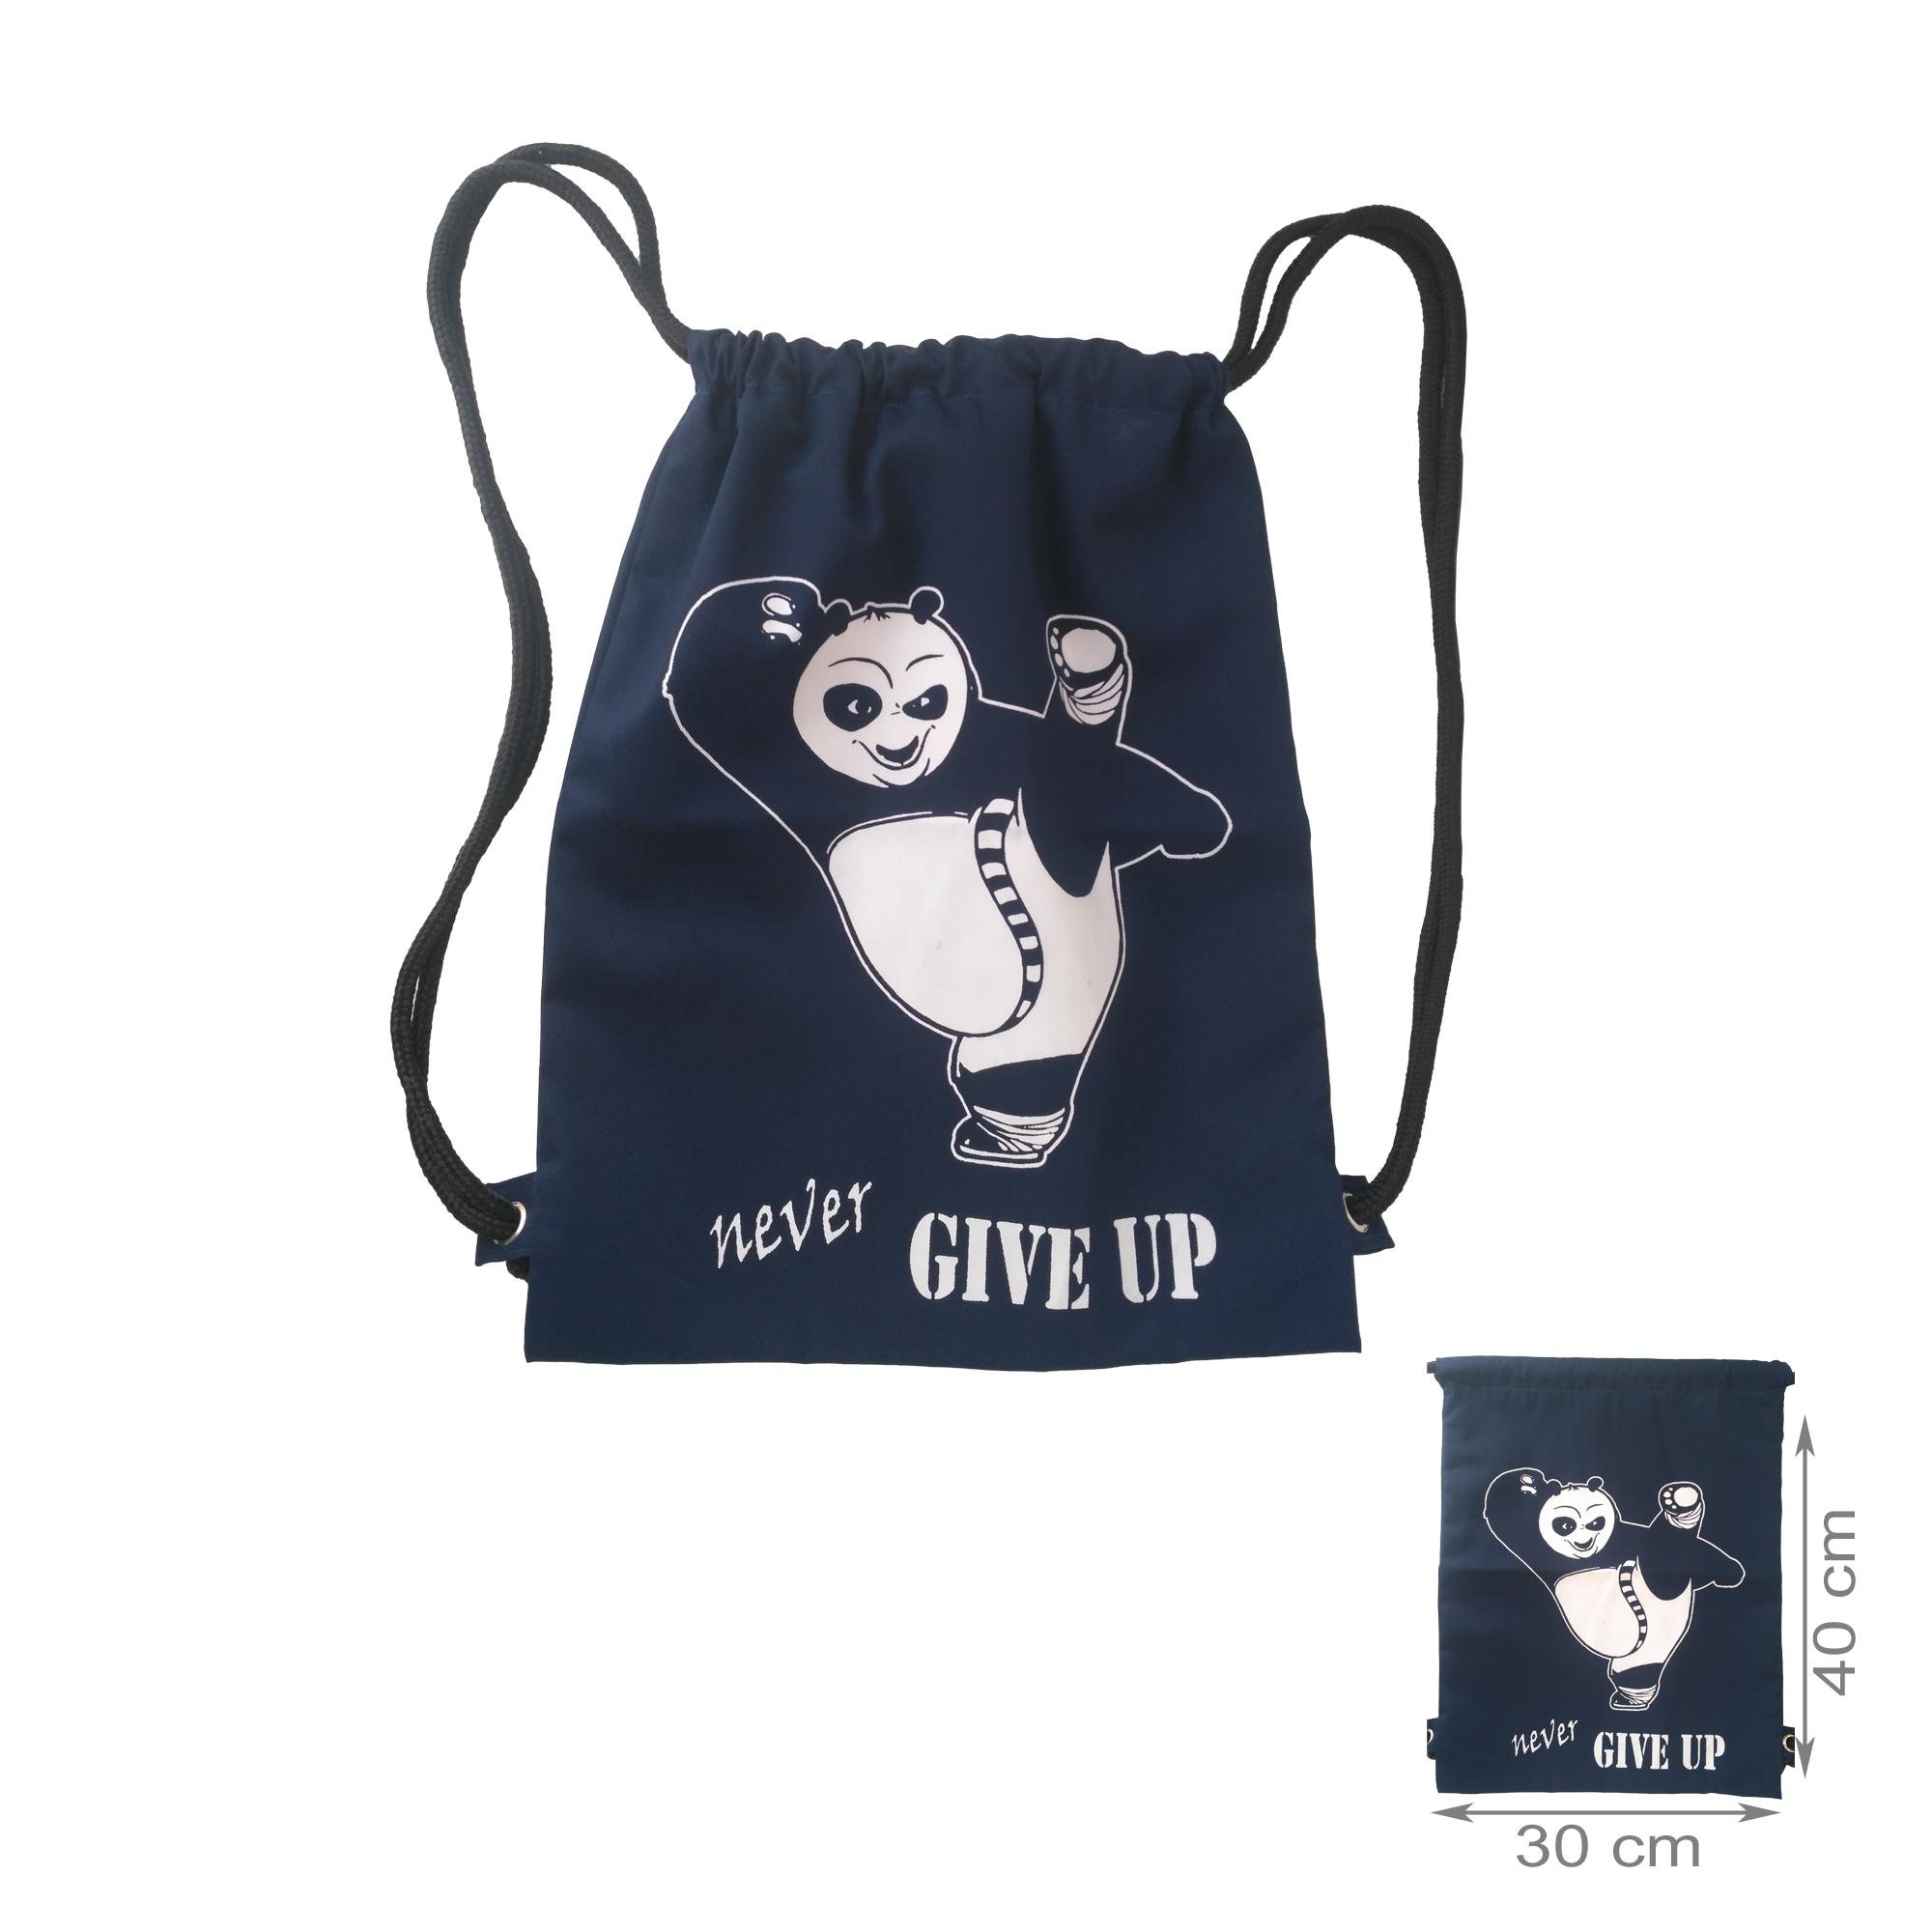 tas ransel stringbag / string bag / tas serut - Never Give Up